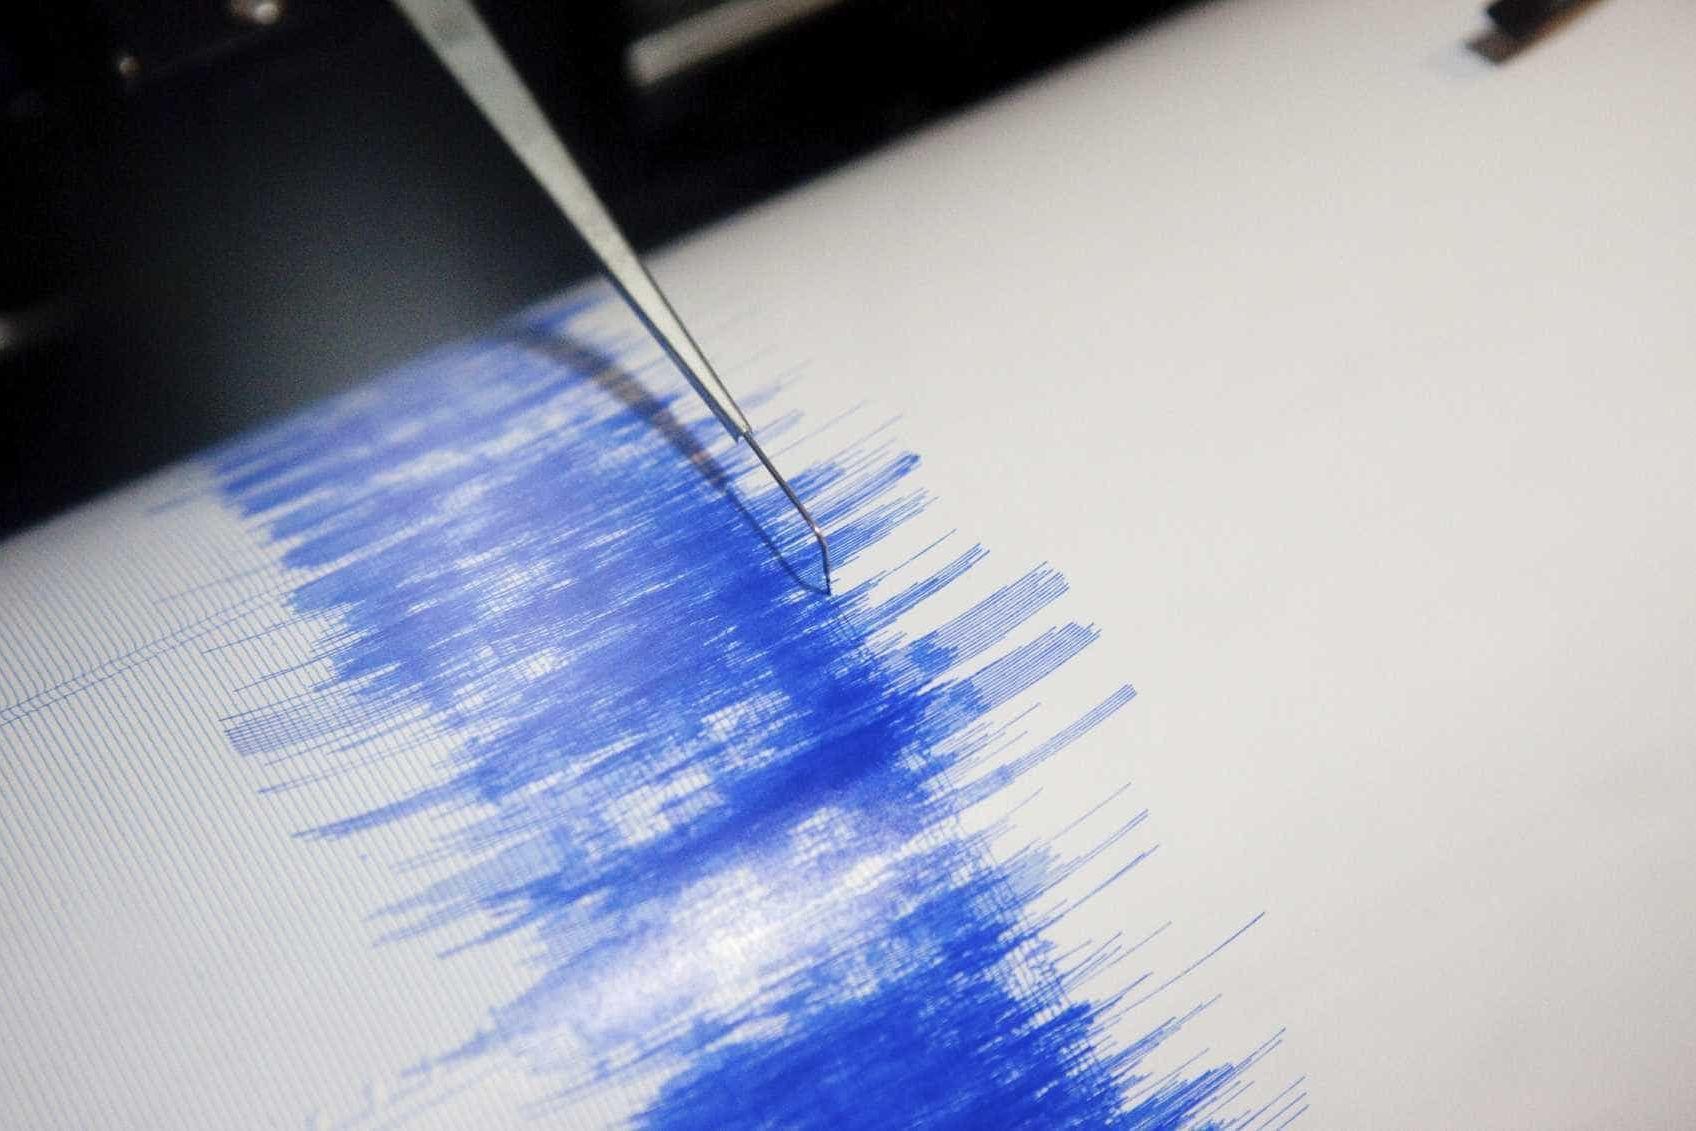 Sismo de magnitude 6,2 sacode região Este das ilhas Fiji